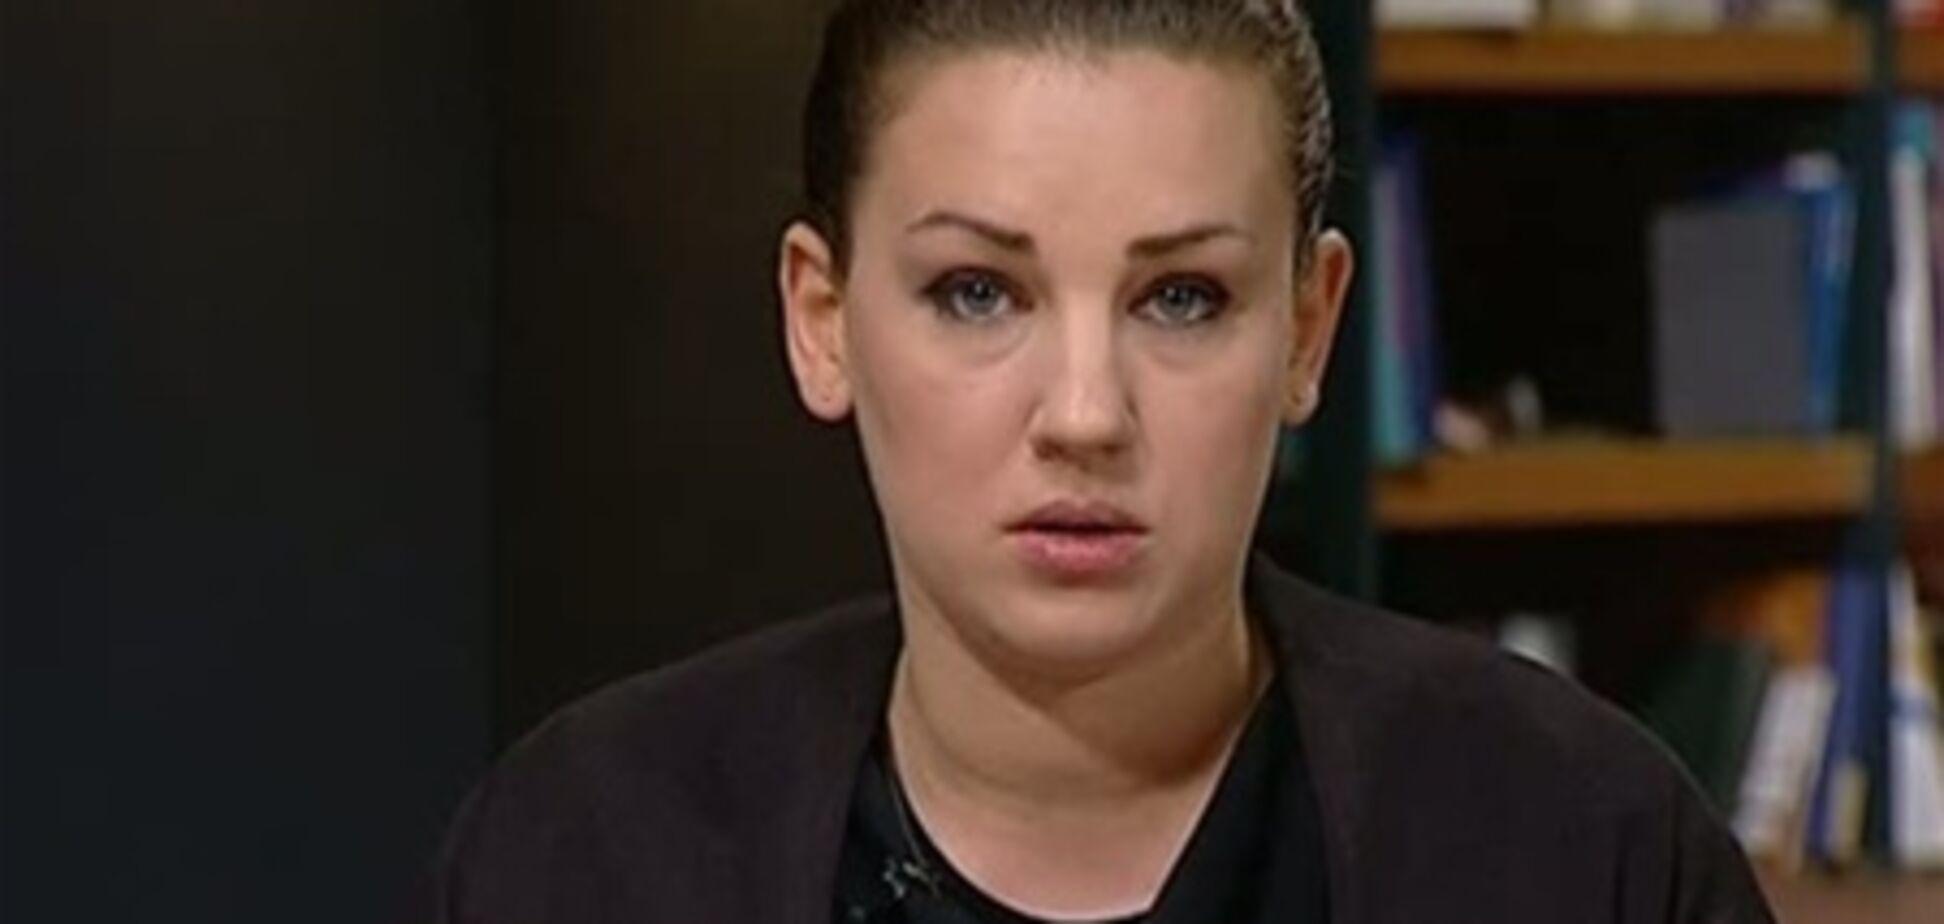 Що сталося з лицем депутата Оробець?